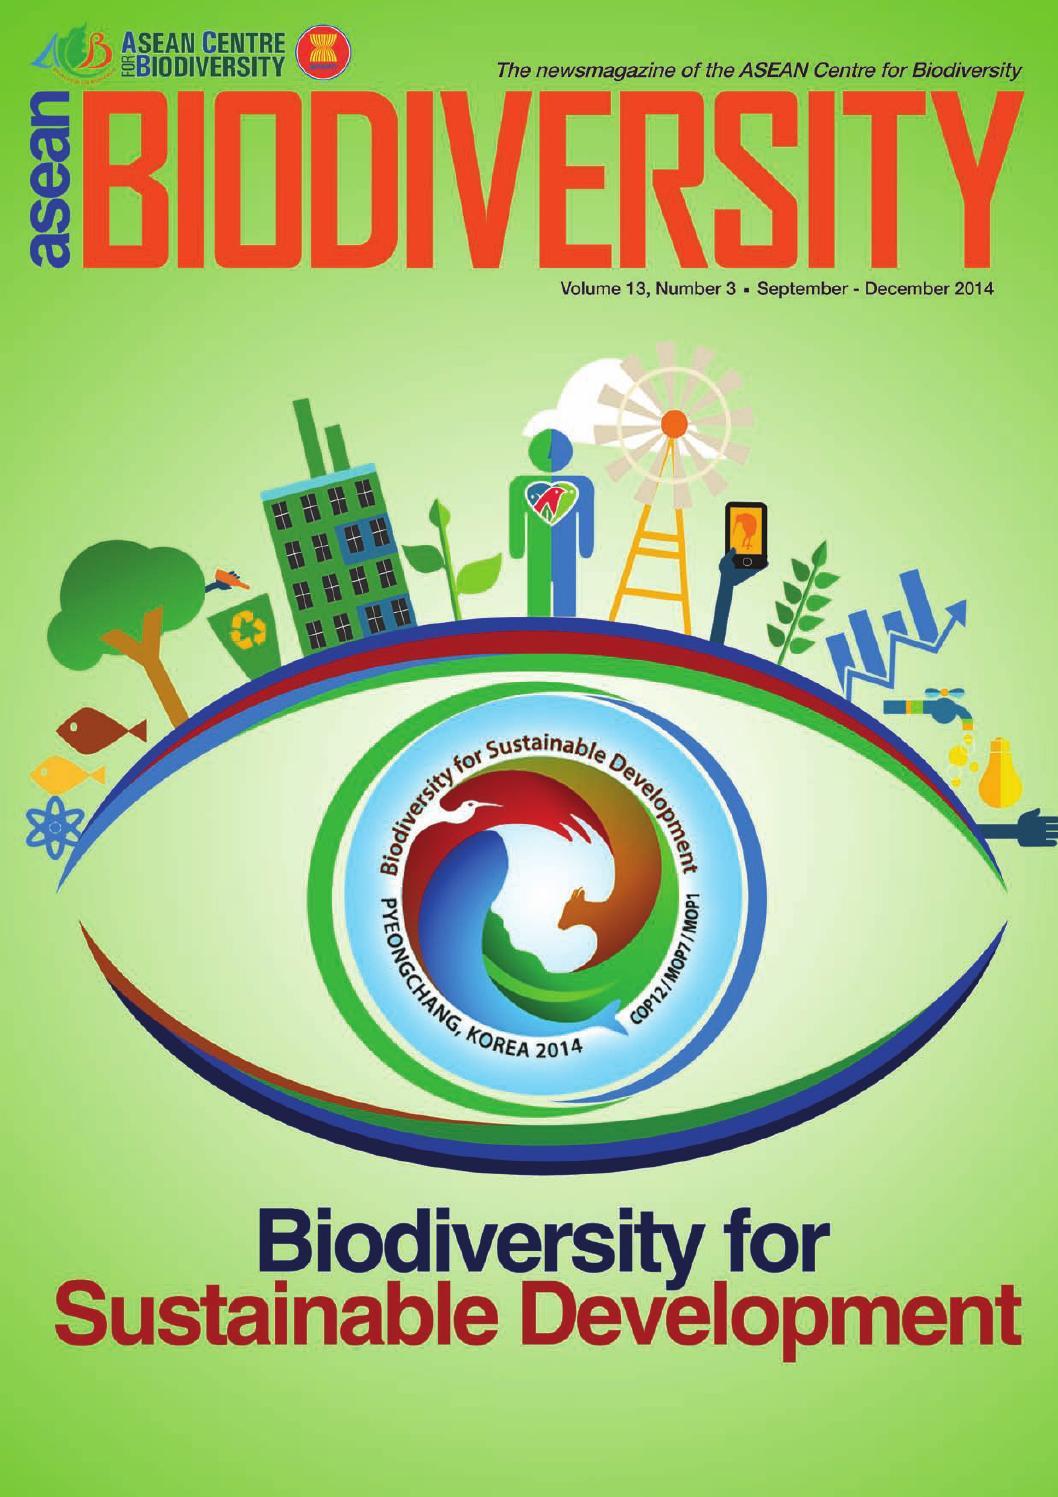 ASEAN Biodiversity Sep-Dec 2014 by Nanie Gonzales - issuu